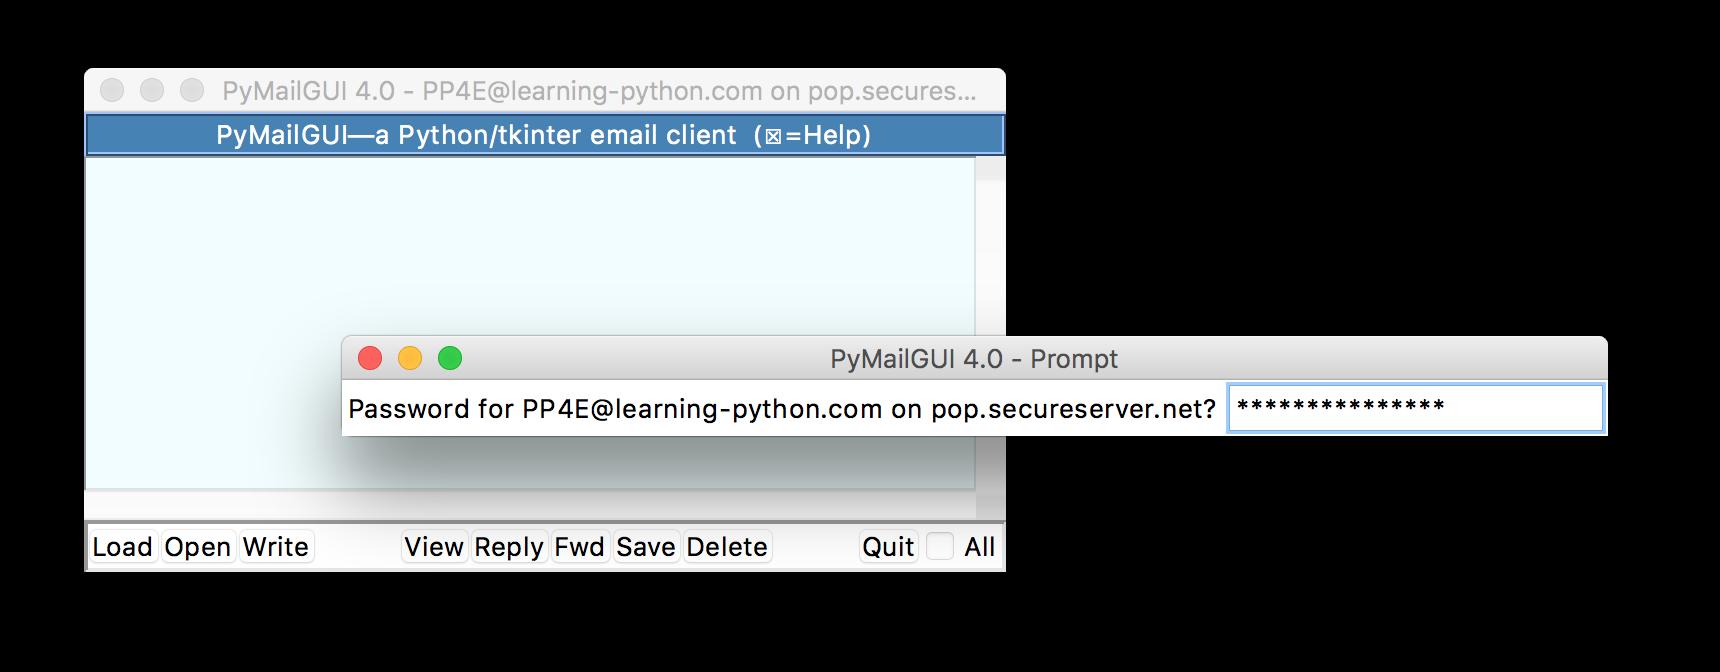 PyMailGUI - User Guide